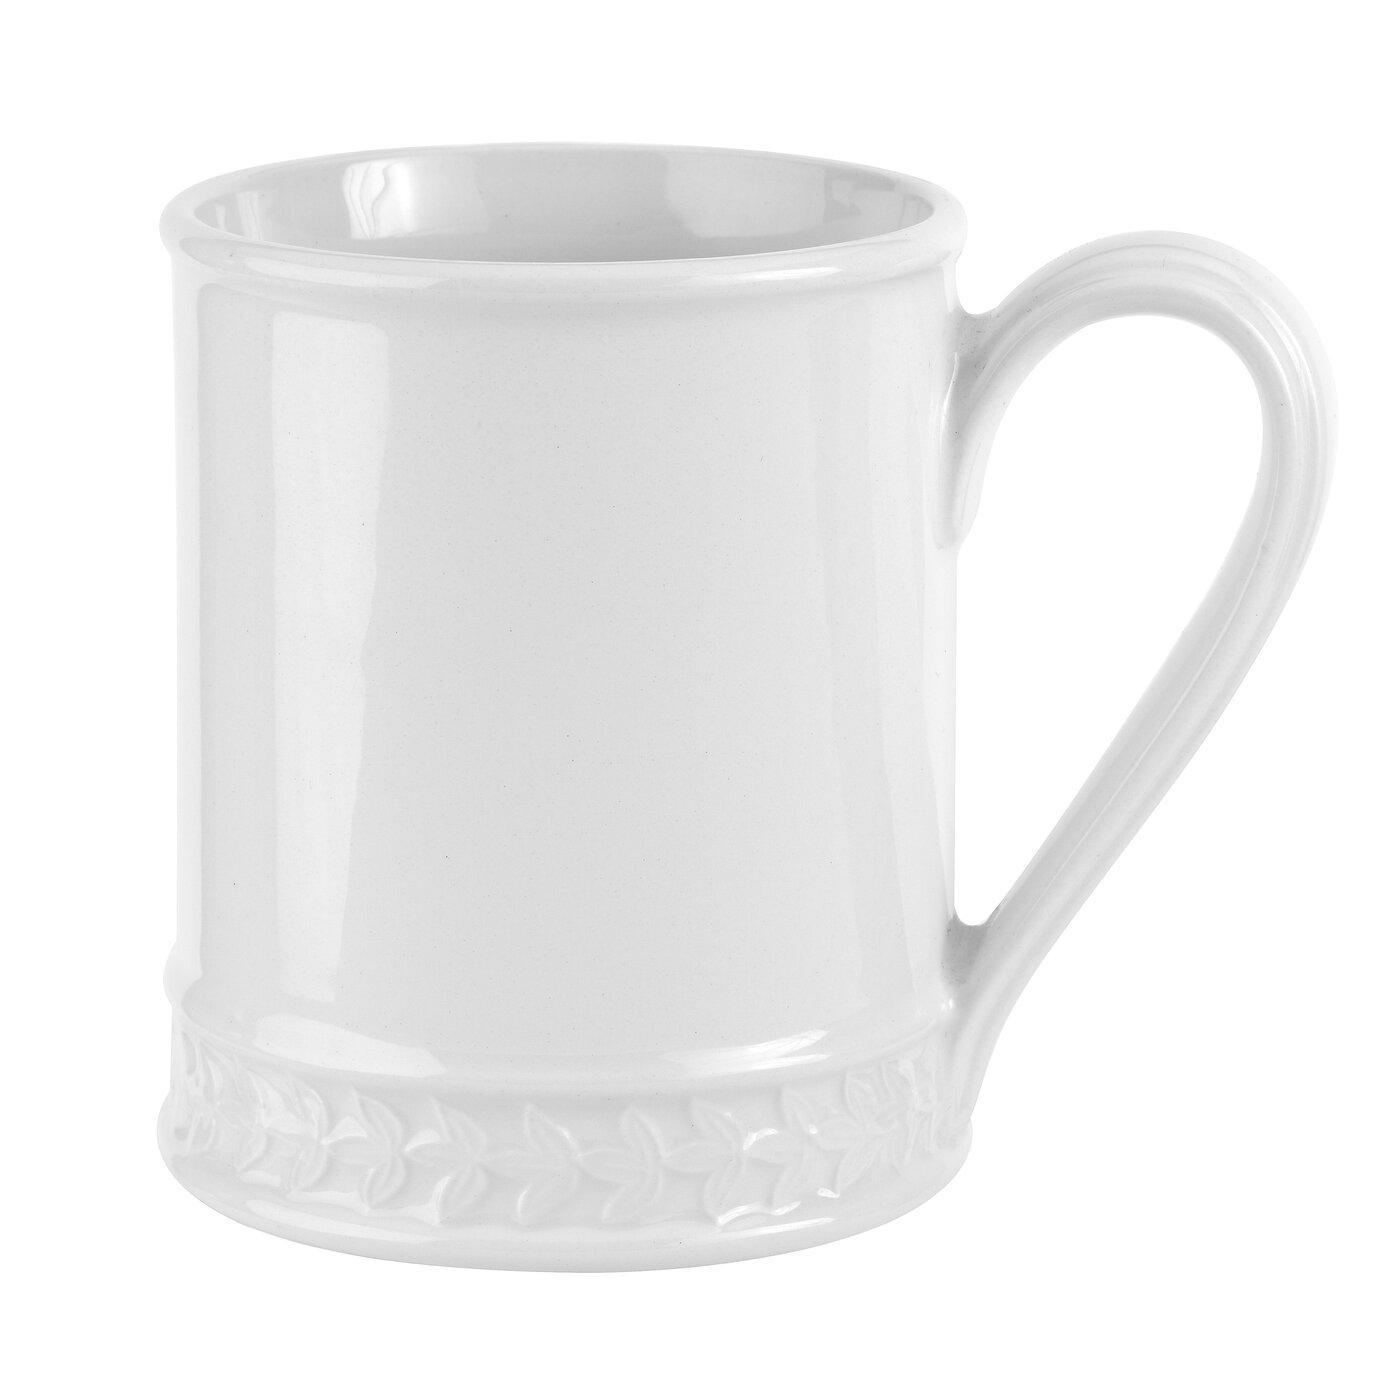 포트메리온 '보타닉 가든 하모니' 머그 Portmeirion Botanic Garden Harmony 16oz Embossed Tankard Mug White